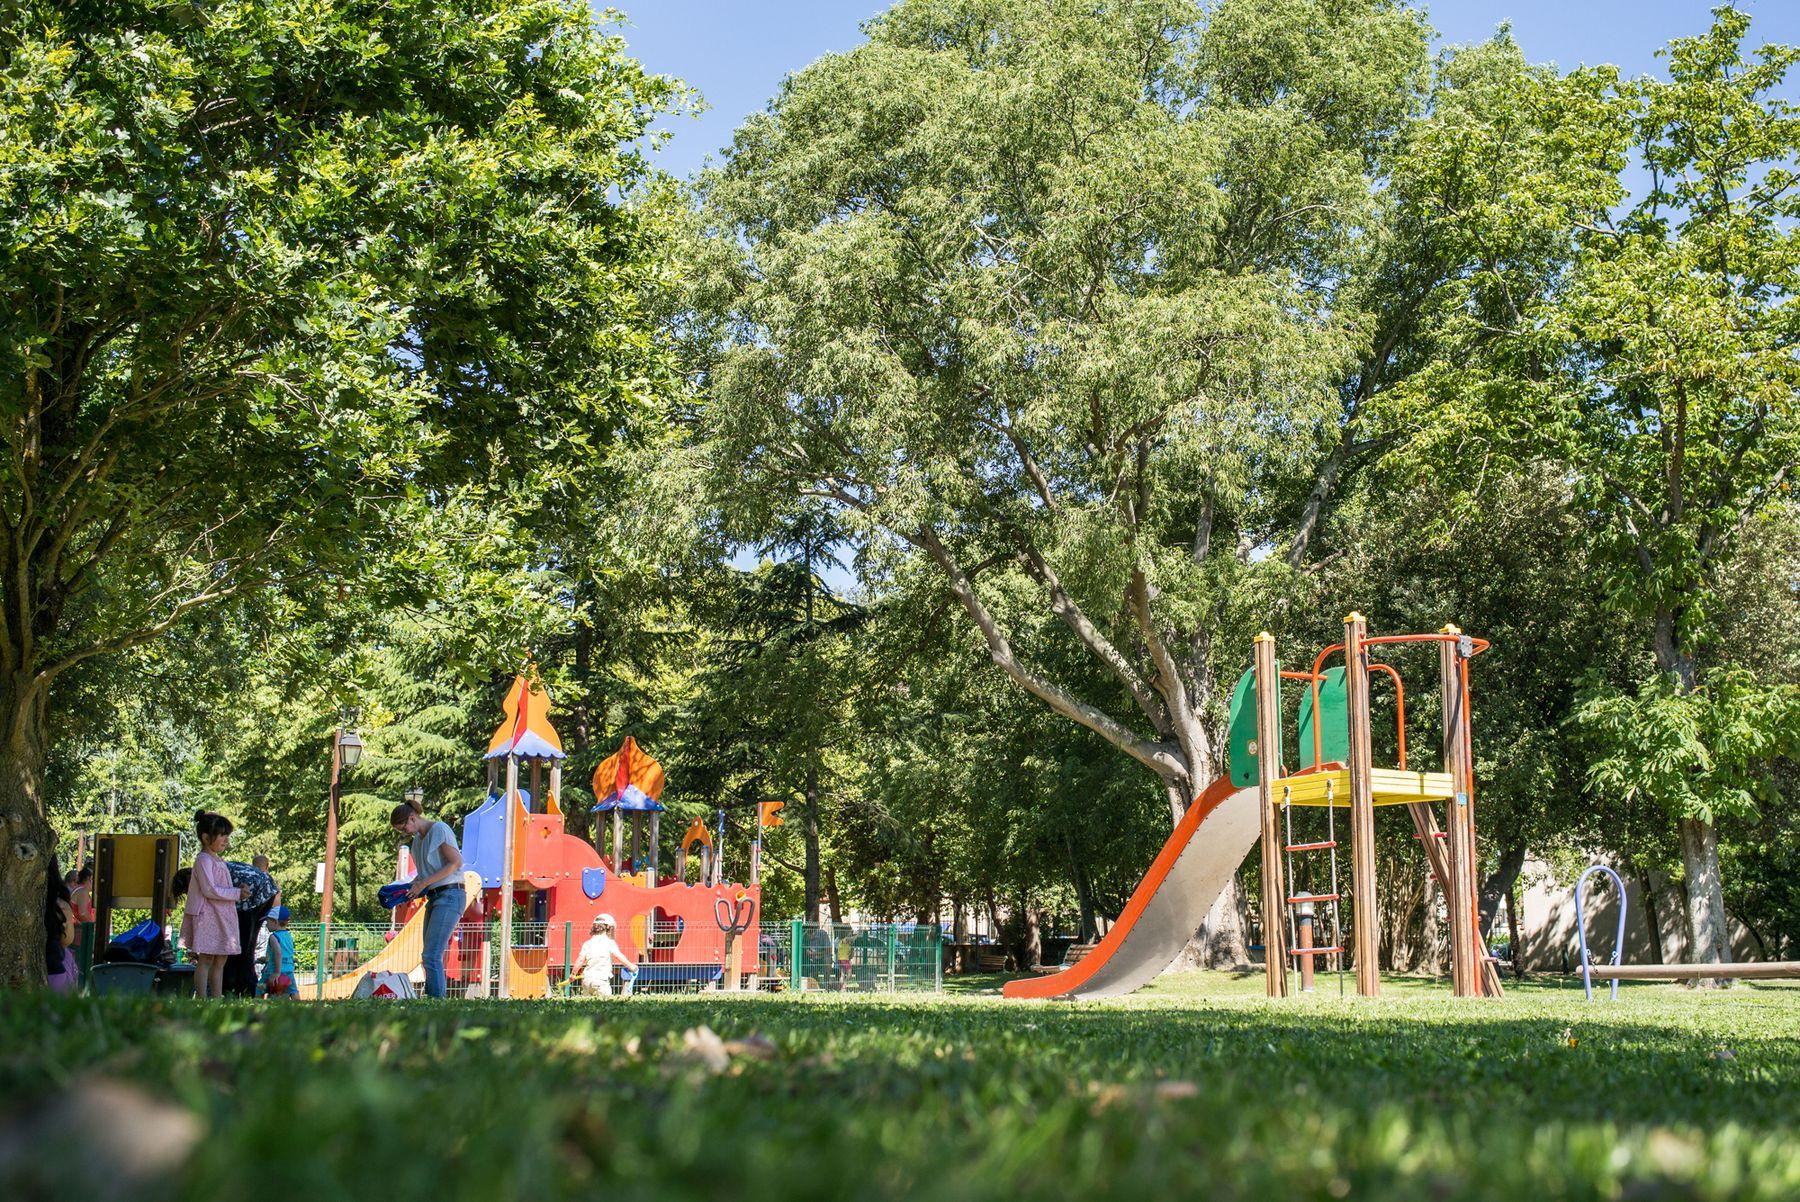 Jeux pour enfants au parc municipal